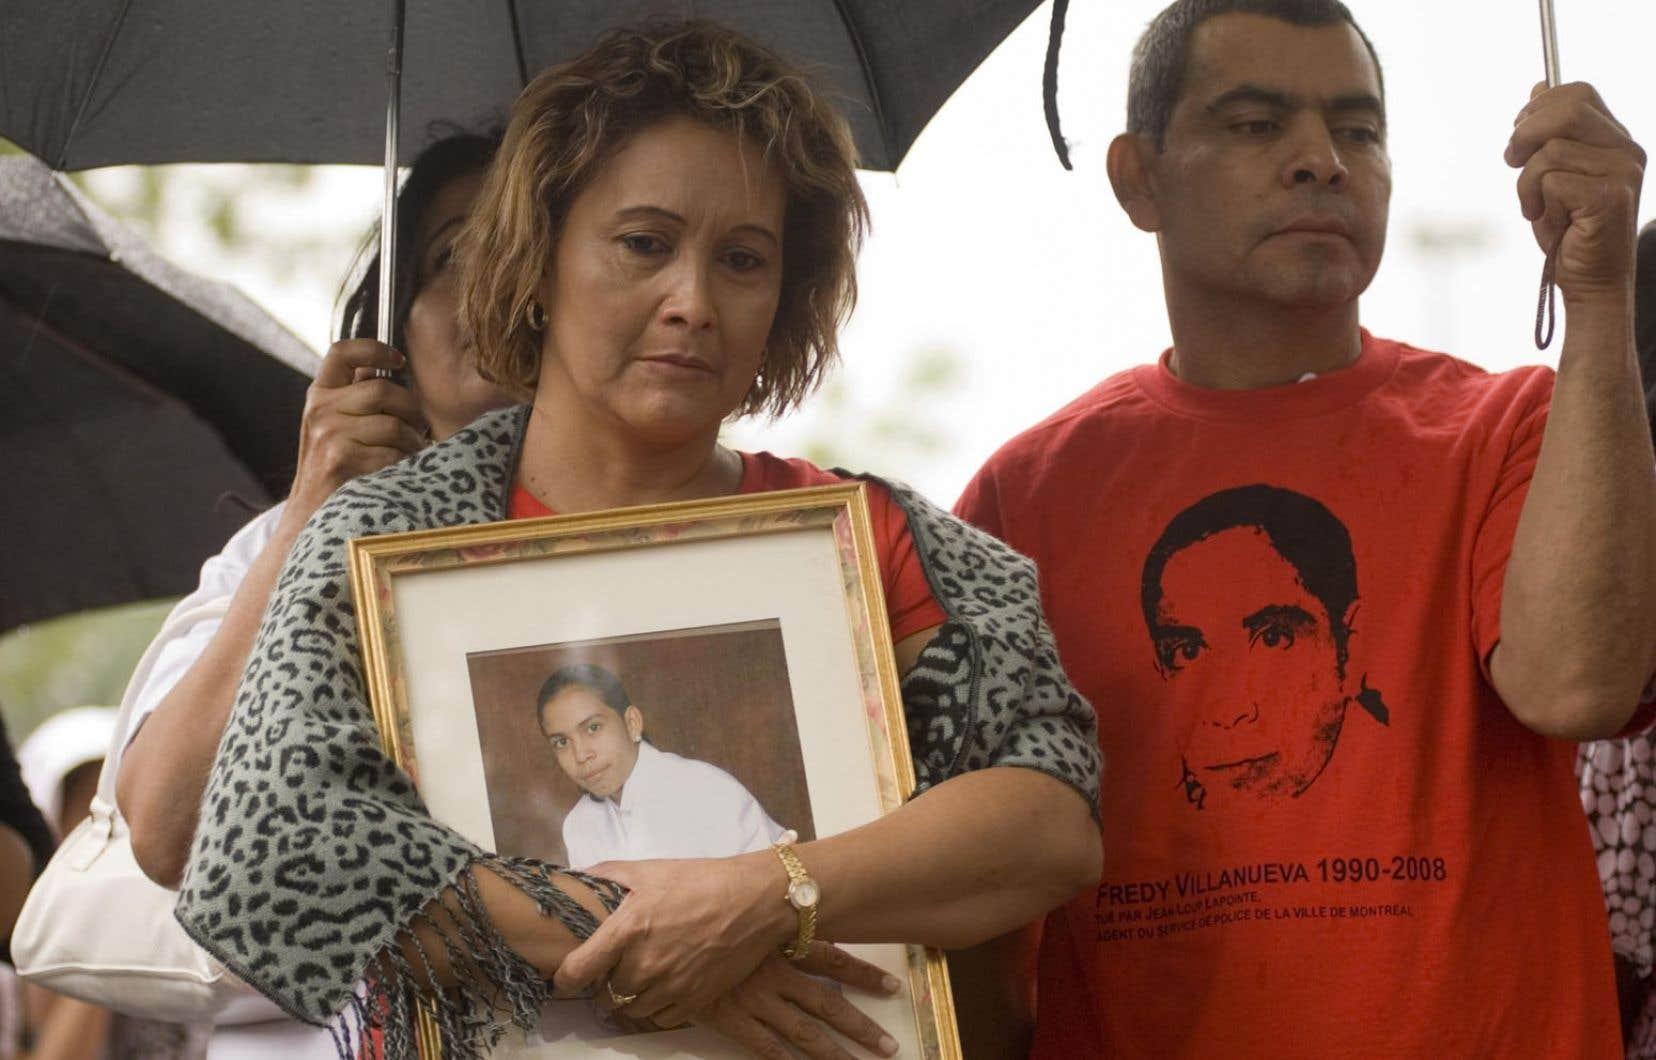 La mère de Fredy Villanueva lors d'une cérémonie soulignant l'anniversaire de sa mort. Le jeune homme est tombé sous les balles d'un policier le 9 août 2008 à Montréal-Nord.